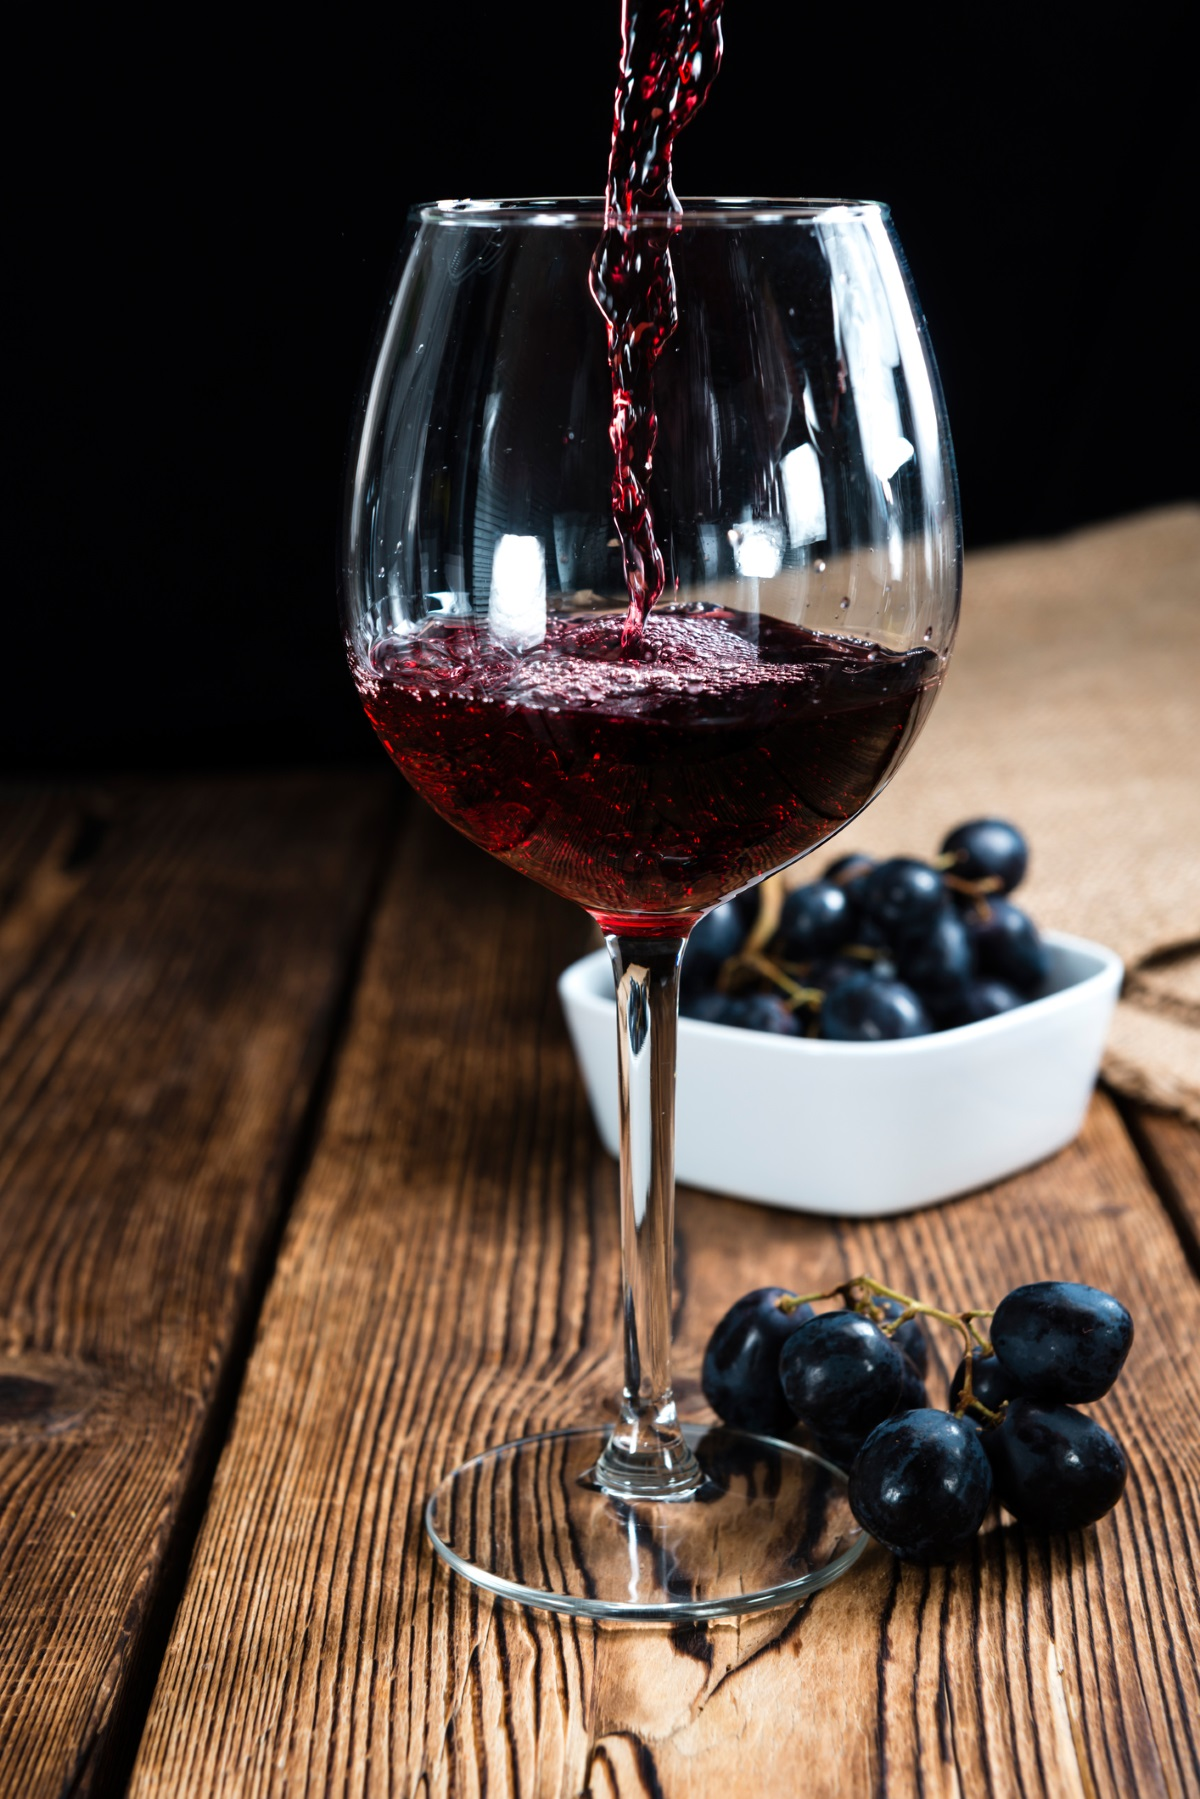 Червено вино<br /> <br /> Виното и като цяло алкохола само могат да засилят стреса. Въпреки че чаша вино или уиски може да се почувства първоначално, че ви помага да успокоите тревожния си ум, изследванията показват, че тази стратегията може да се отрази дългосрочно. Няколко питиета преди лягане могат да причинят проблеми със съня, колебания на кръвната захар и дехидратация - всичко, което може да увеличи хормоните на стреса още повече.